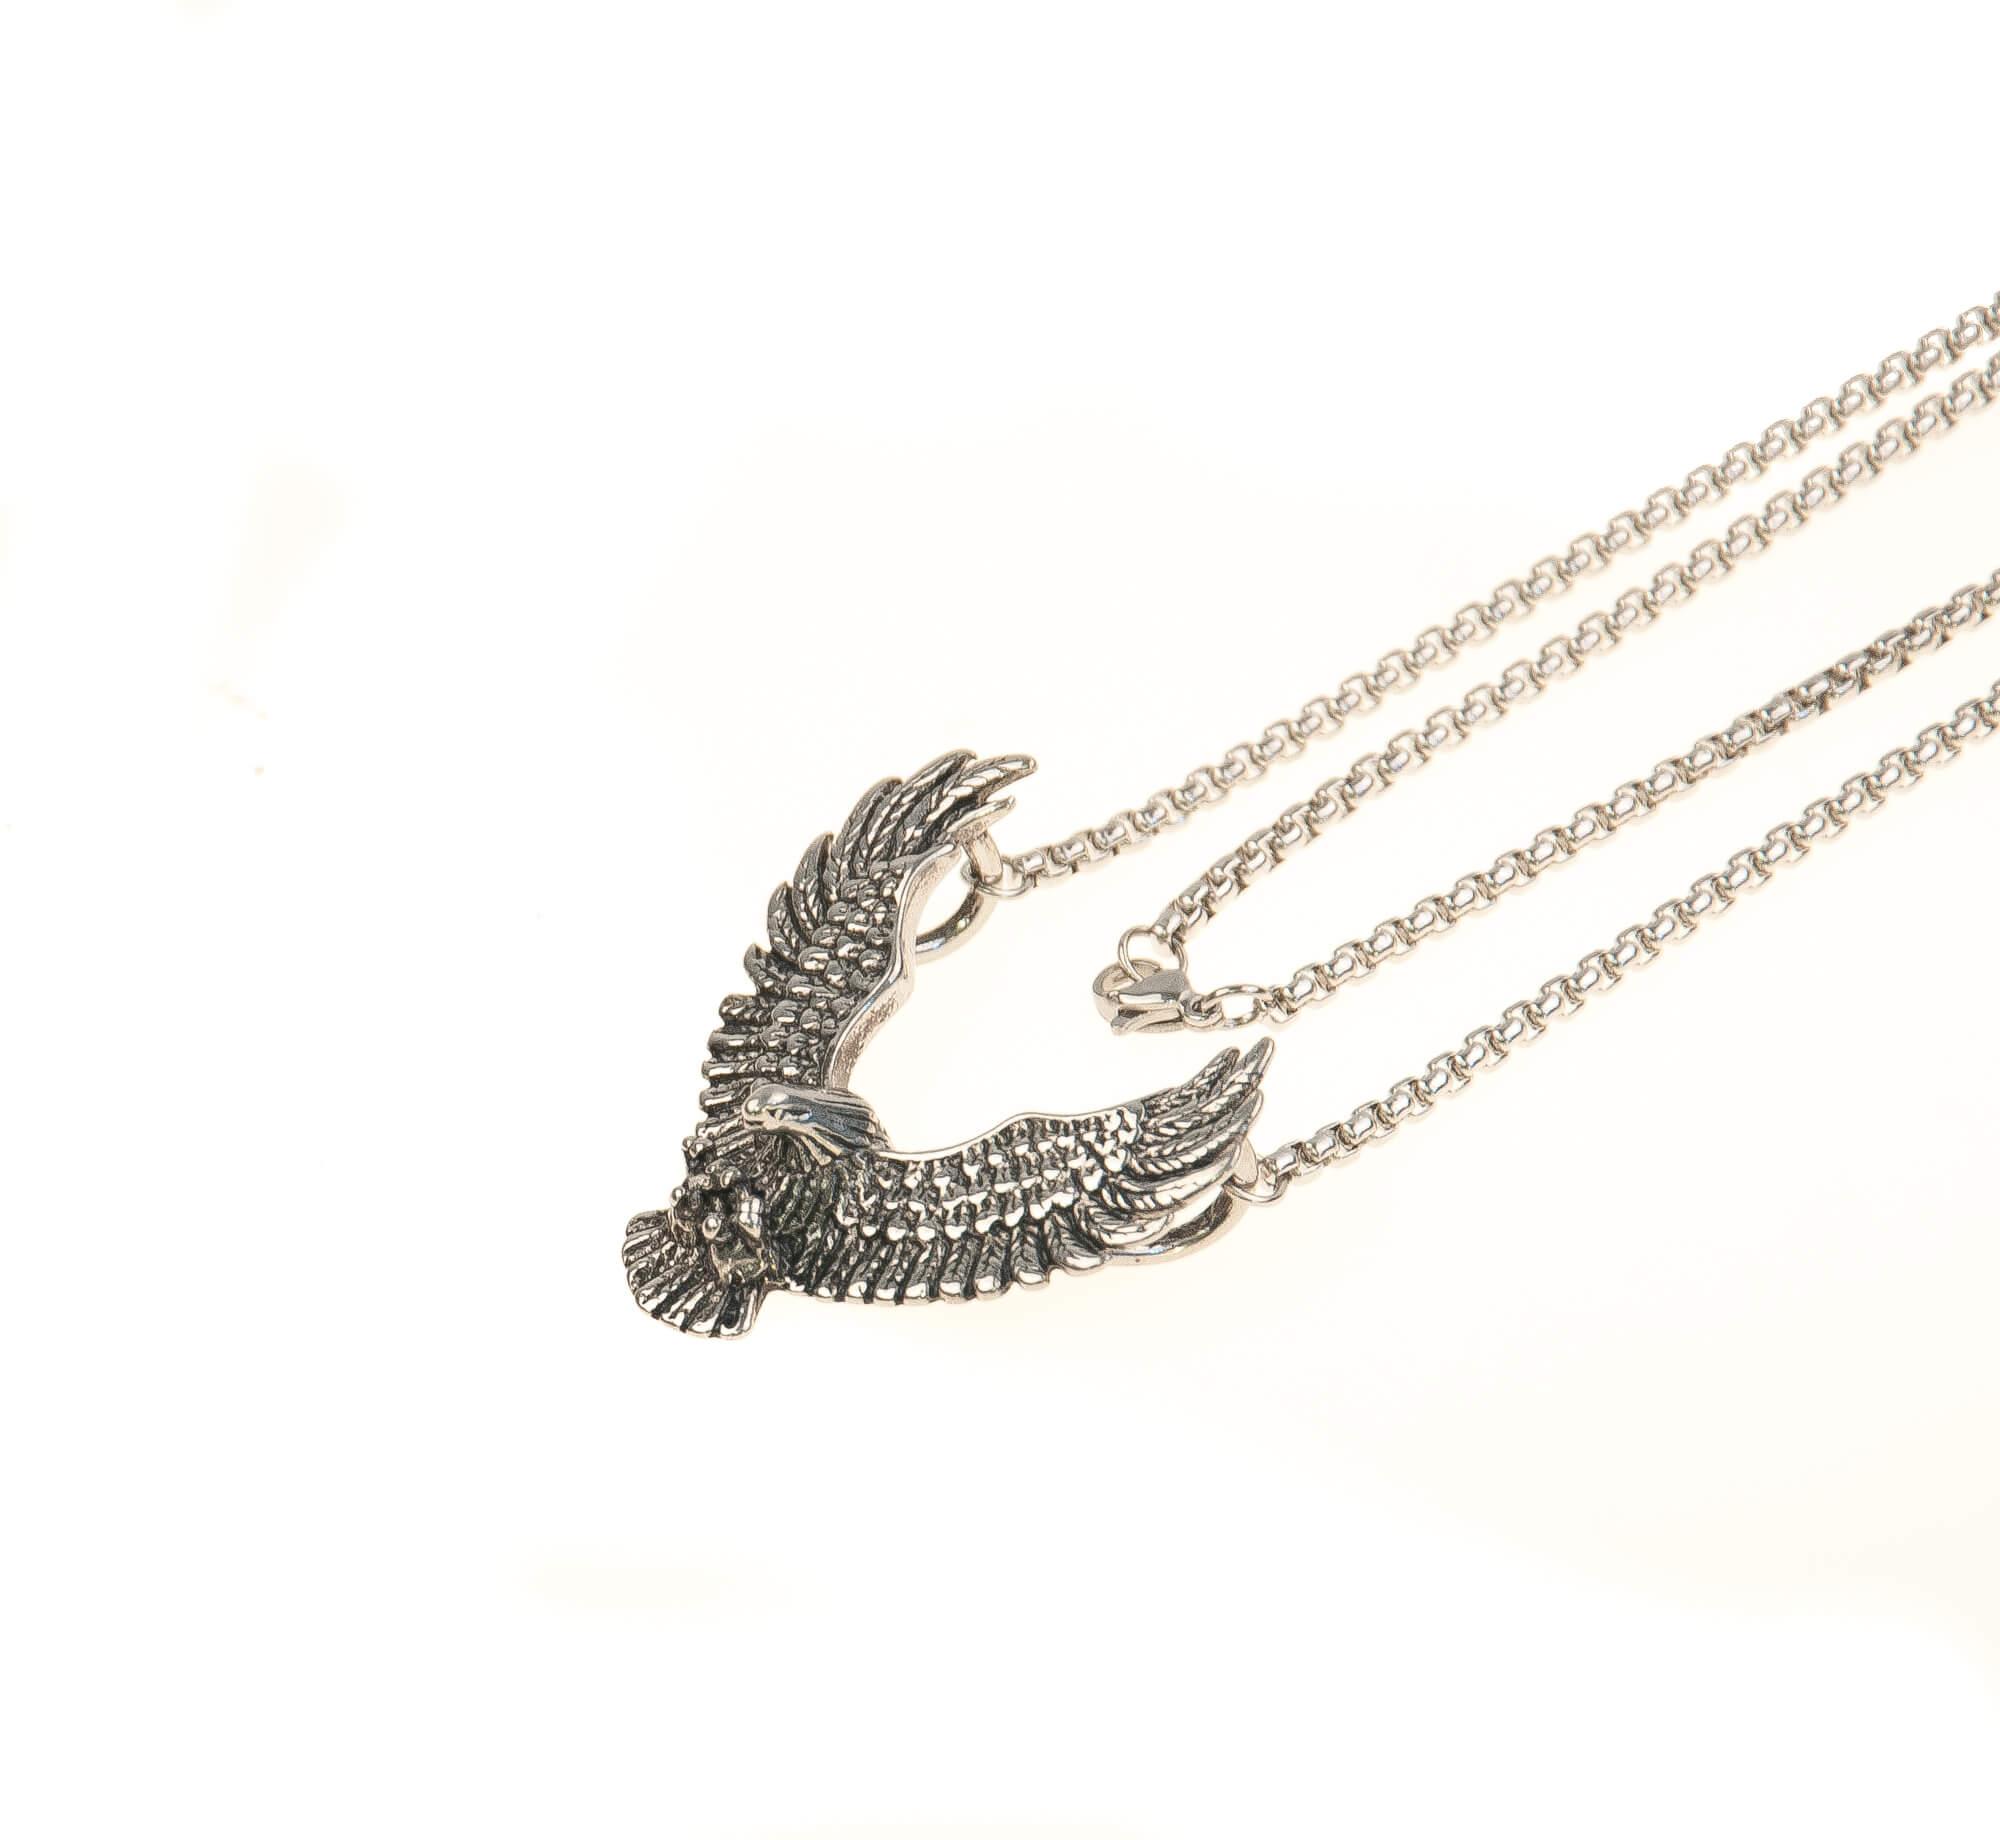 گردنبند استیل نقره ای با طرح شاهین NM1025